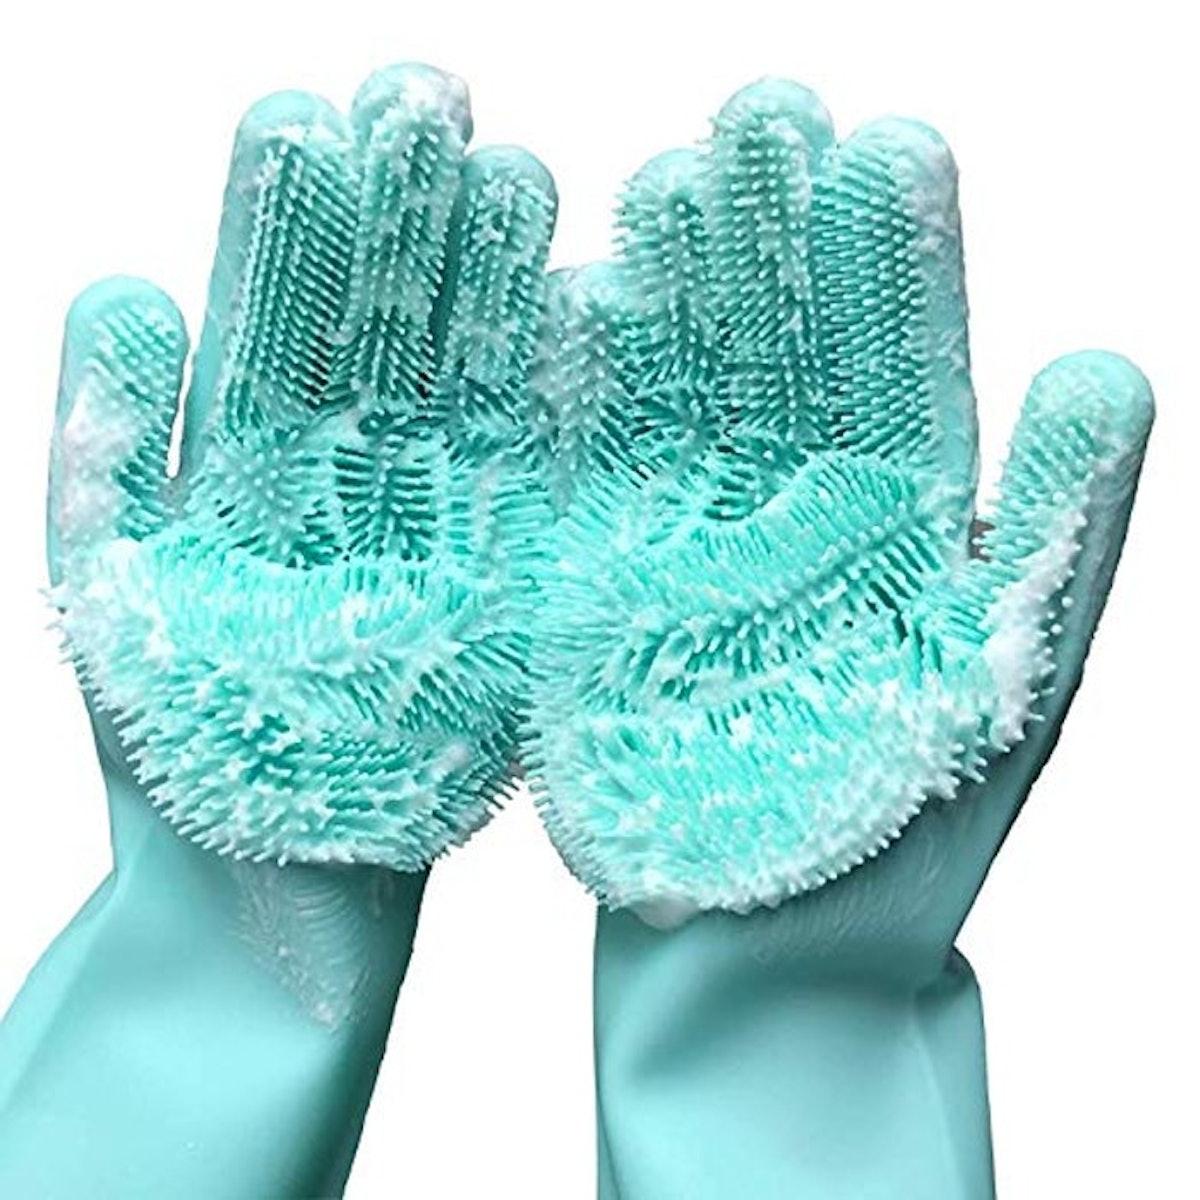 Forliver Cleaning Sponge Gloves